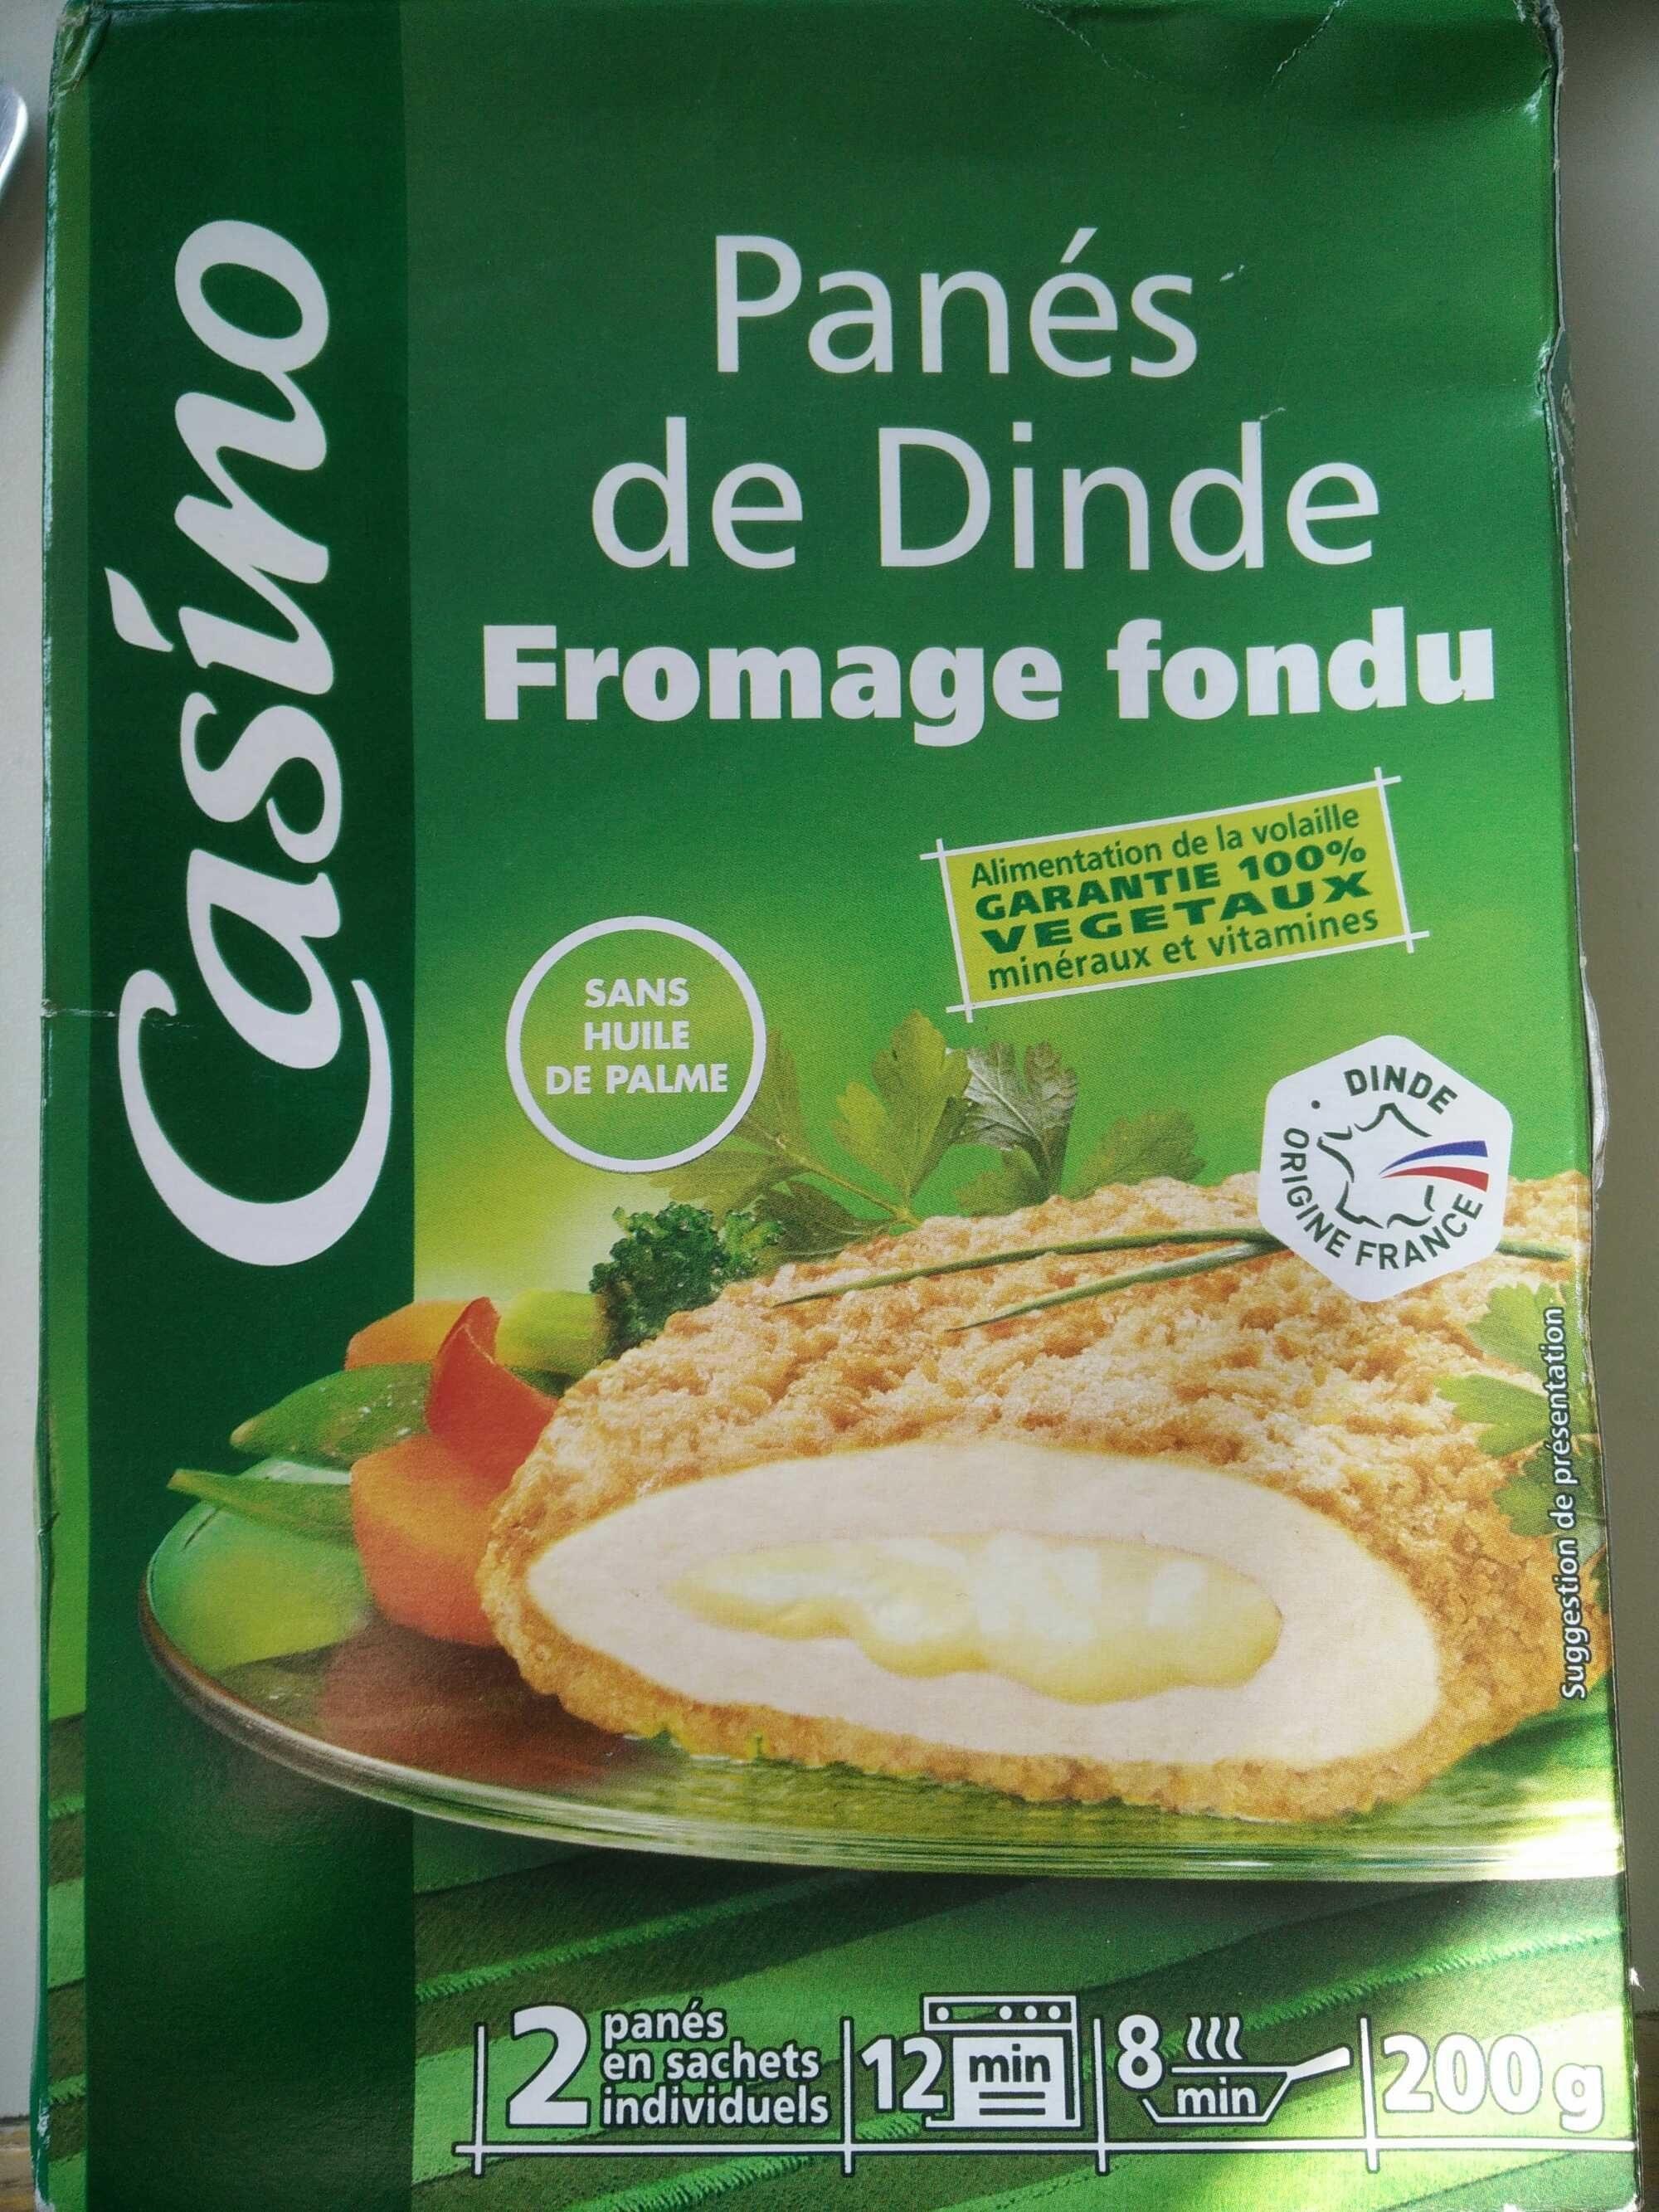 Panés de dinde fromage fondu - Casino - Product